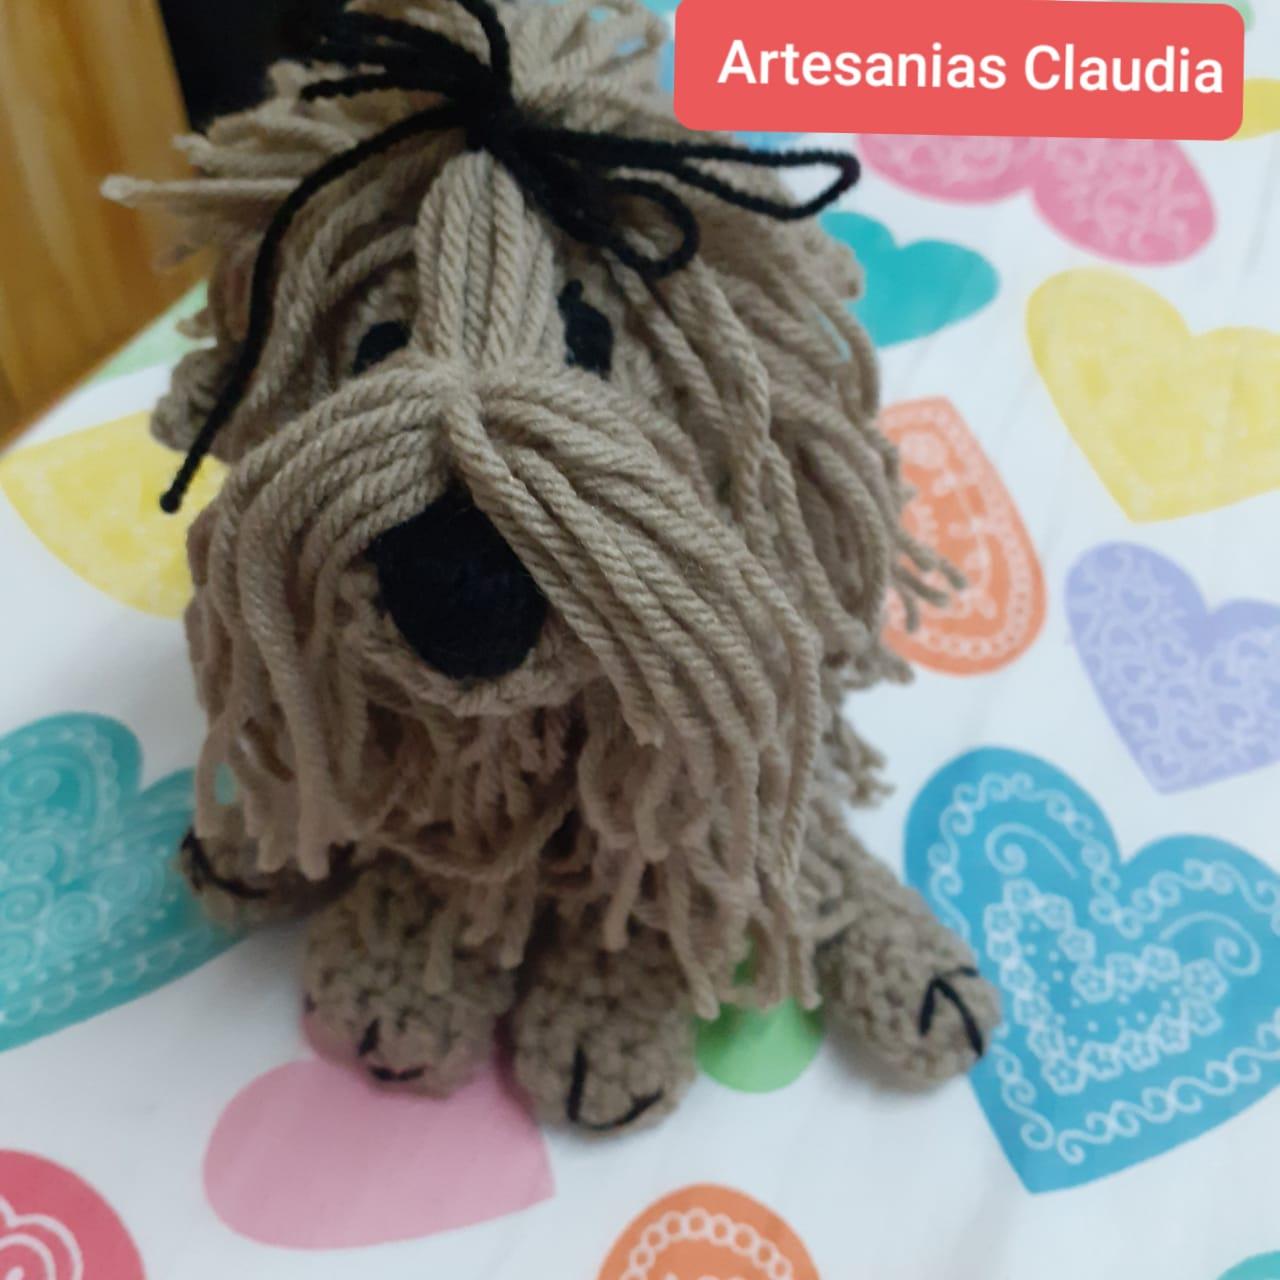 Artesanias Claudia